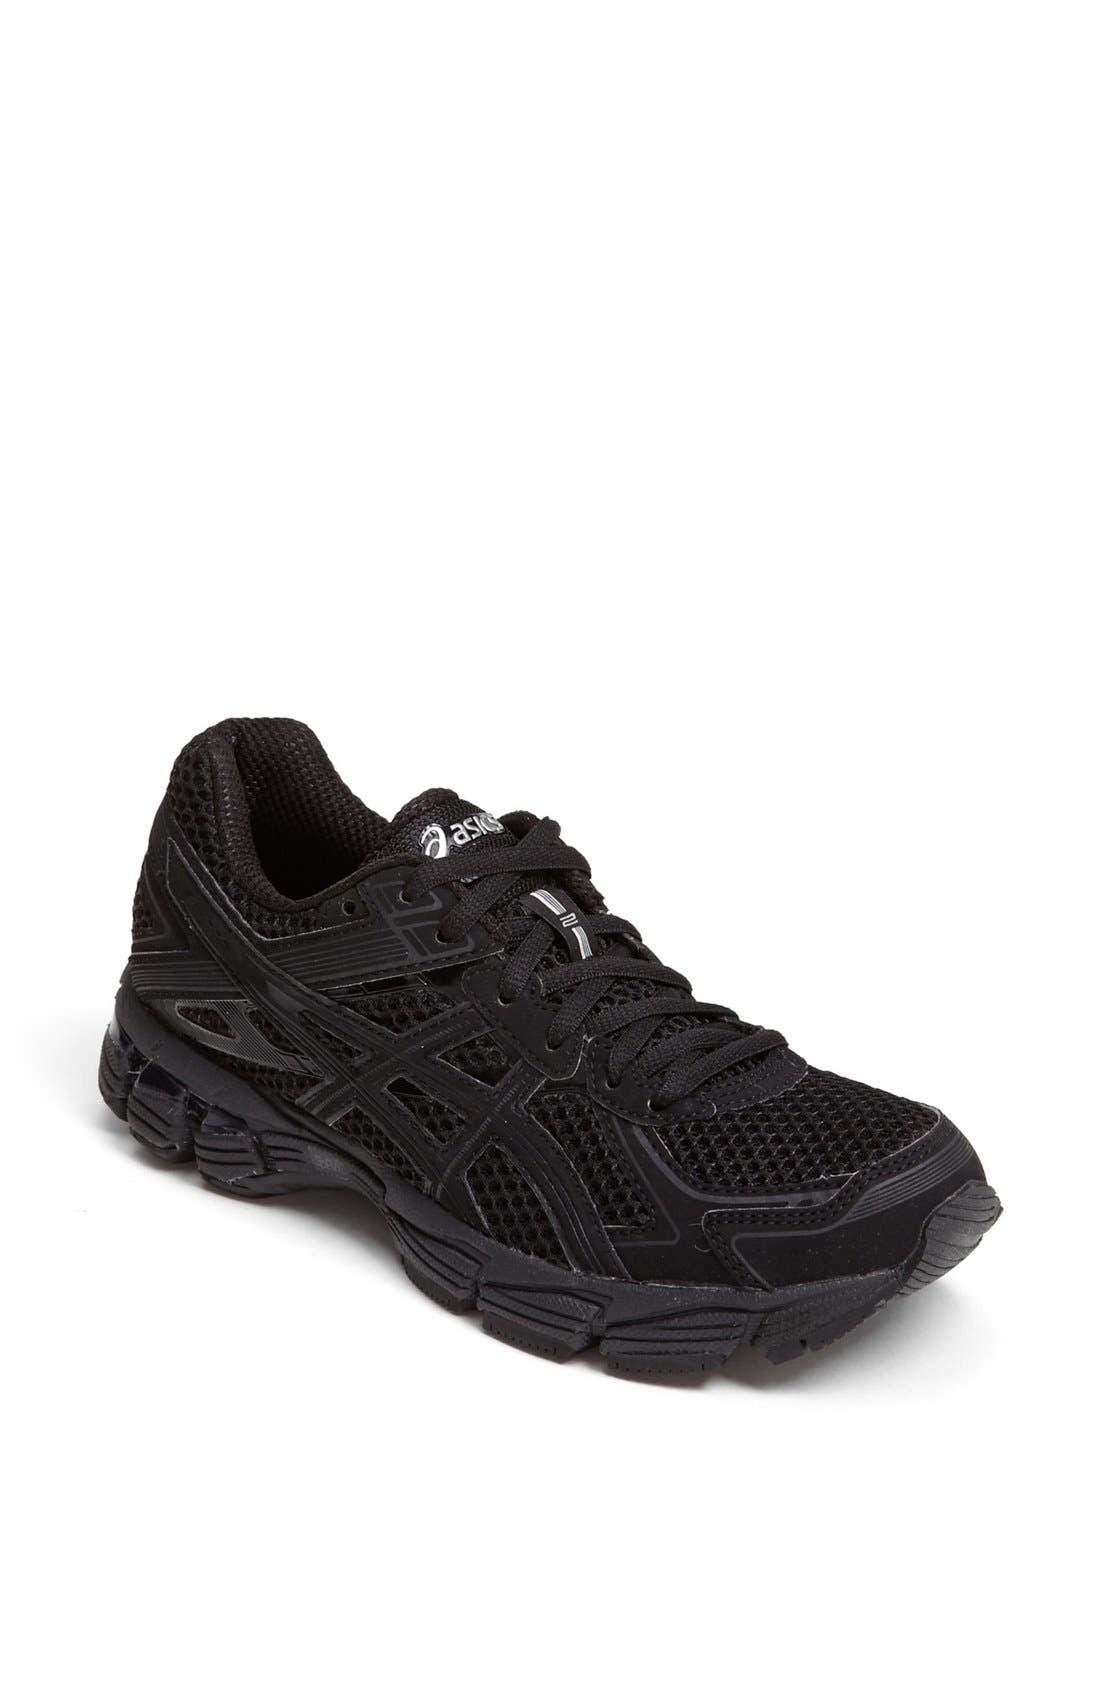 Alternate Image 1 Selected - ASICS® 'GT-1000™ 2' Running Shoe (Women)